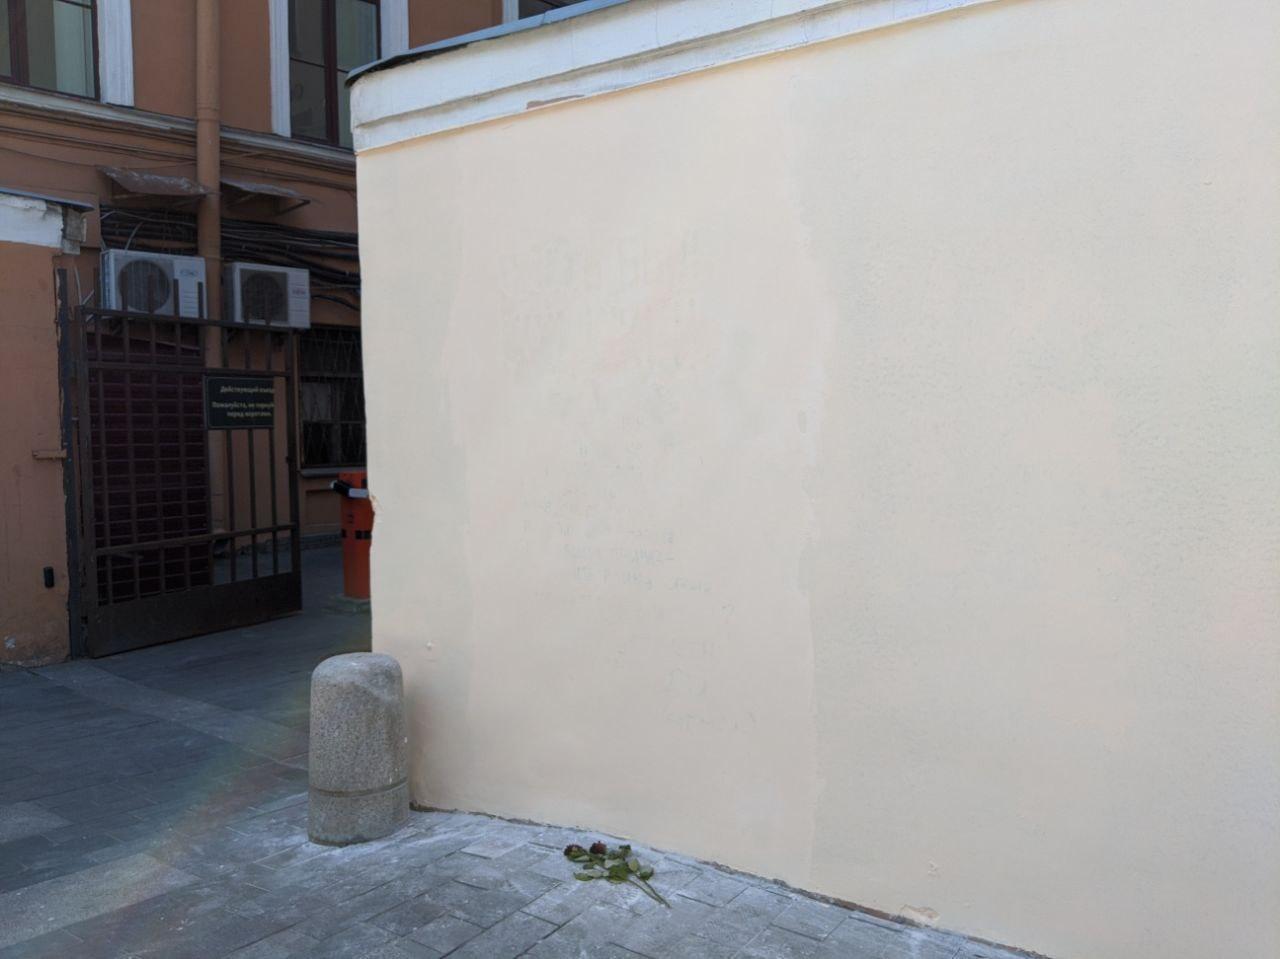 Так стена выглядит днем 26 мая<br><br>автор фото Павел Каравашкин / «Фонтанка.ру»<br>